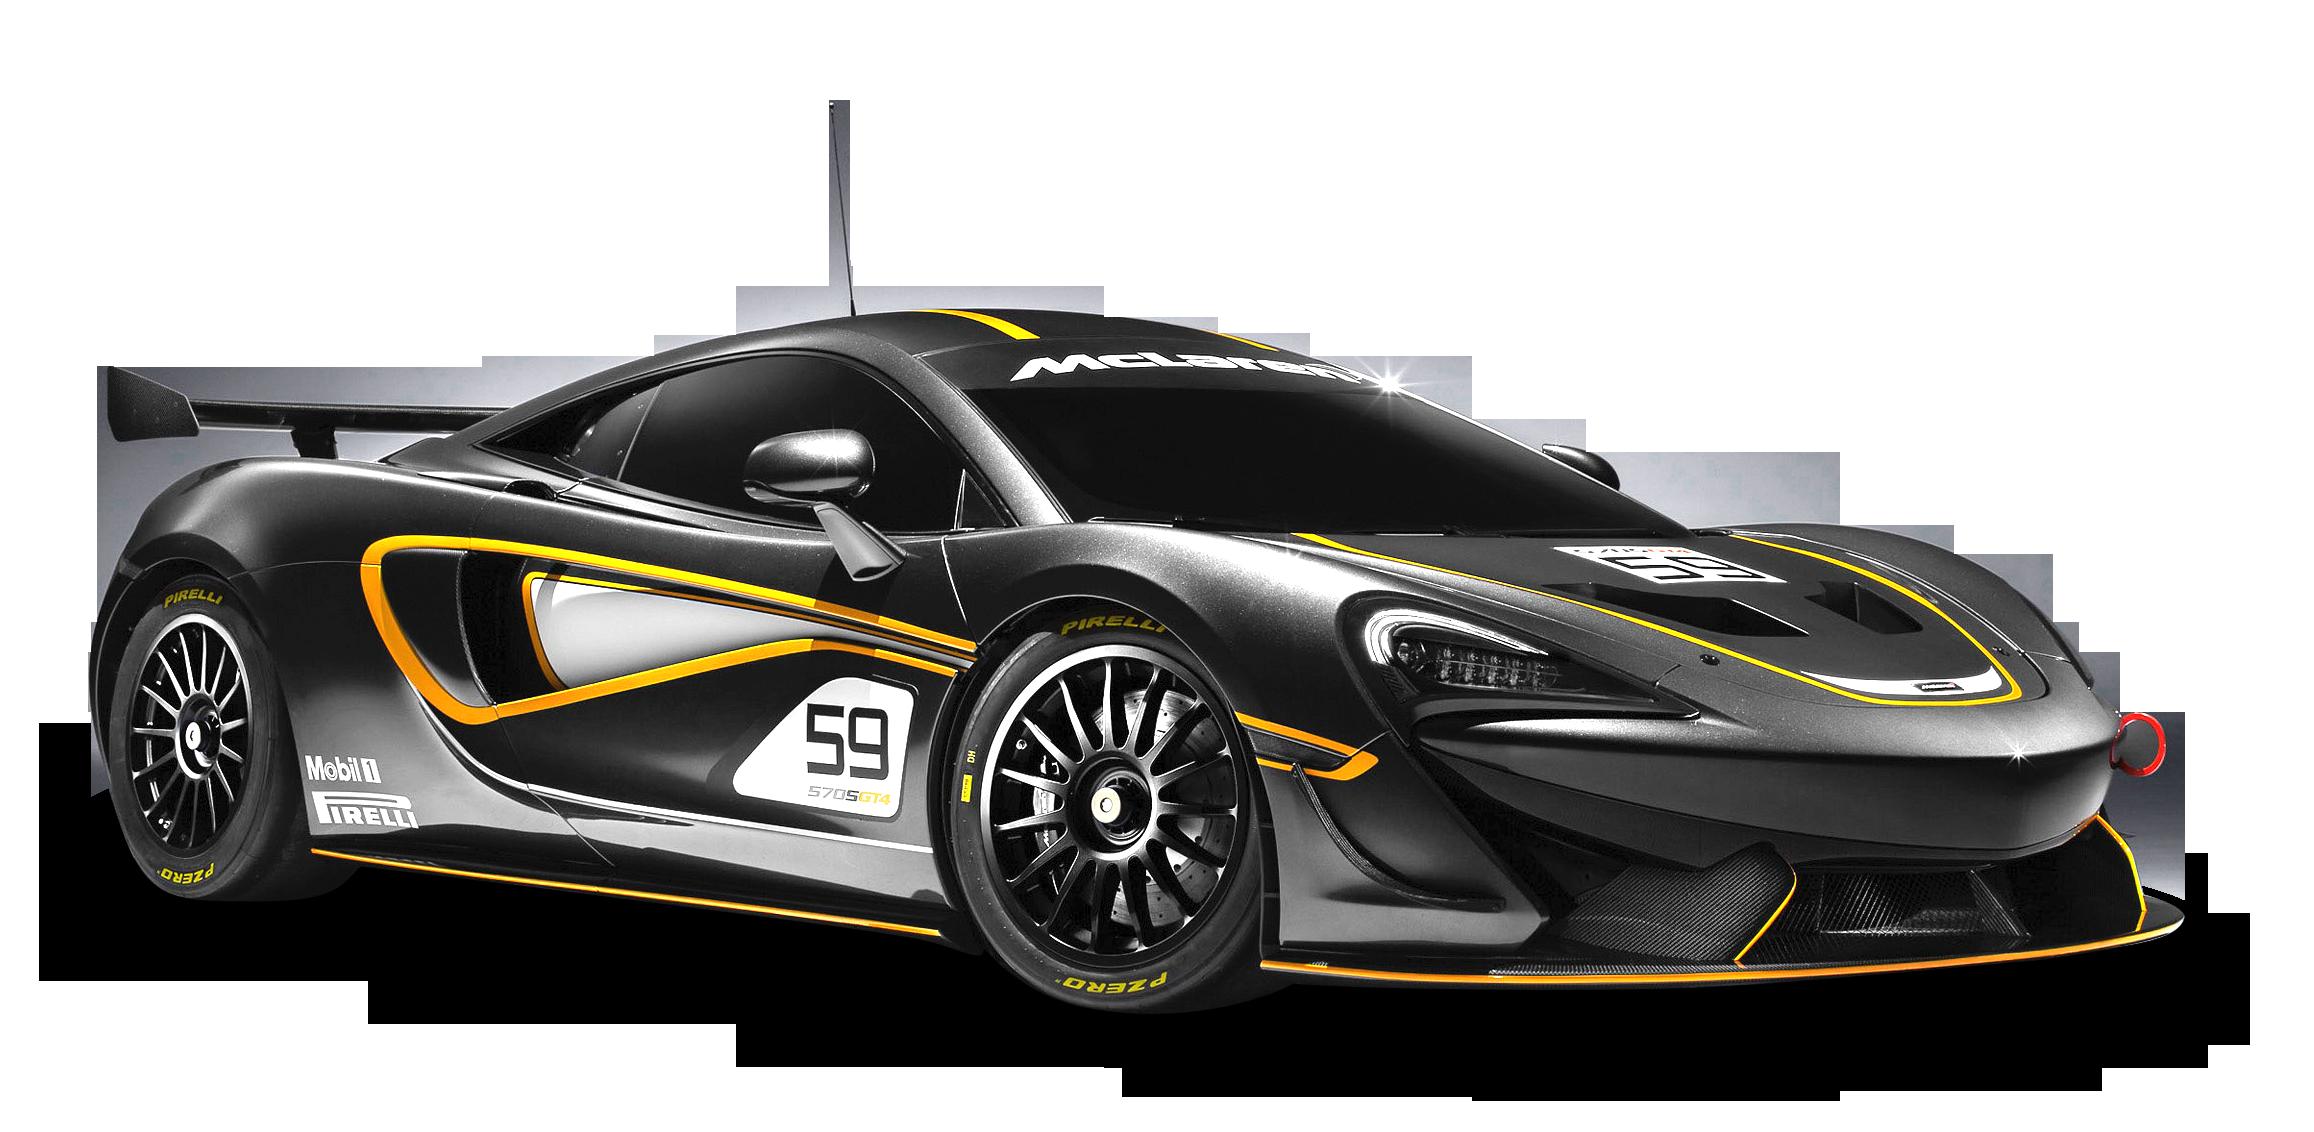 Pngpix Com Black Mclaren Racing Car Png Image Png